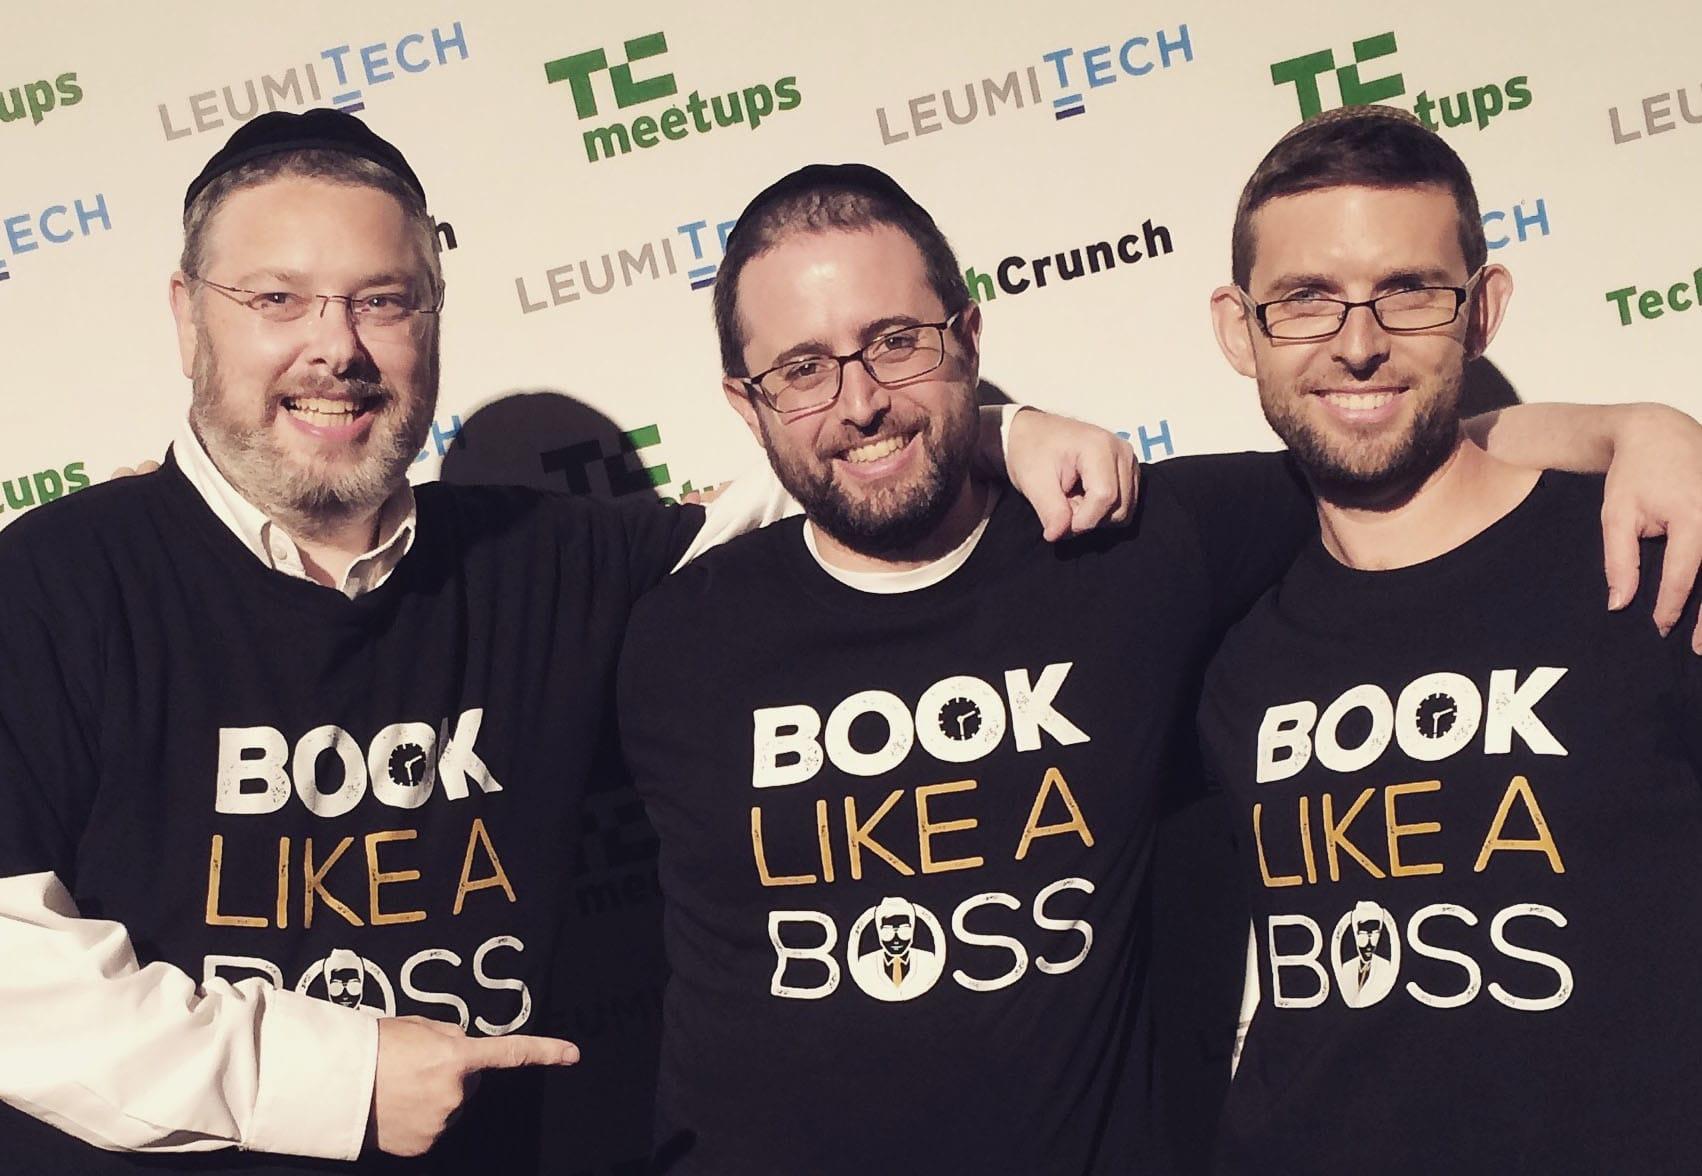 booklikeaboss techcrunch